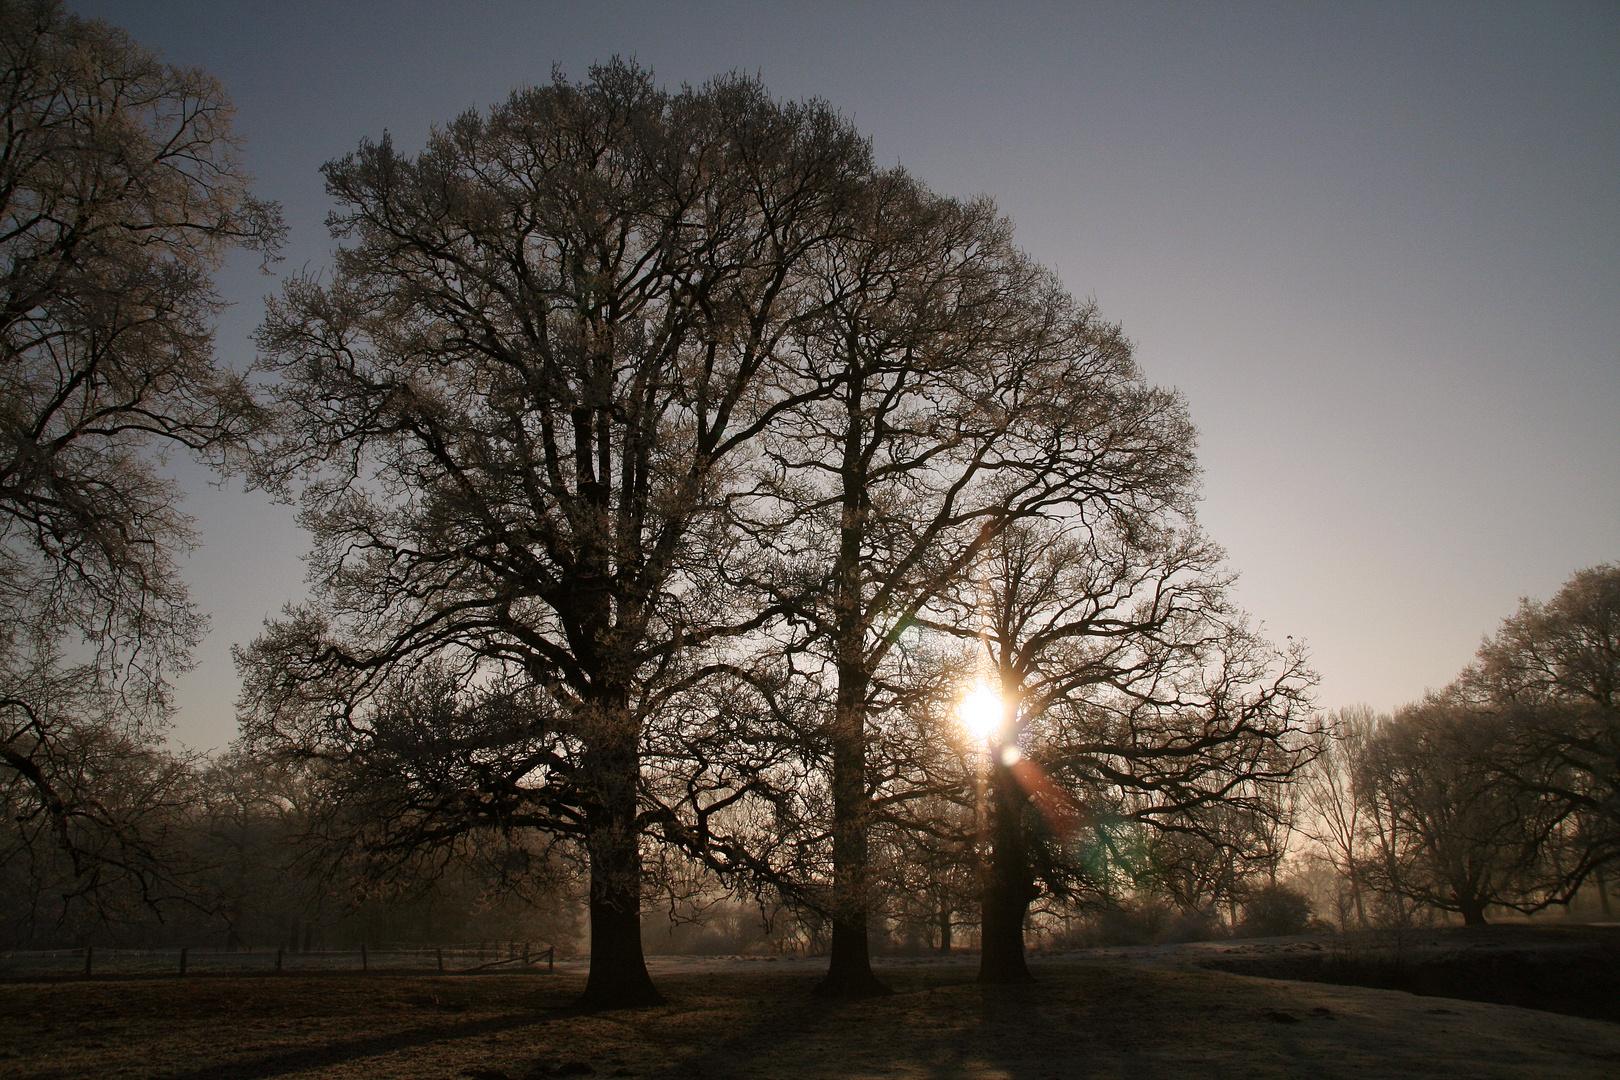 - Dezembersonne im Münsterland -